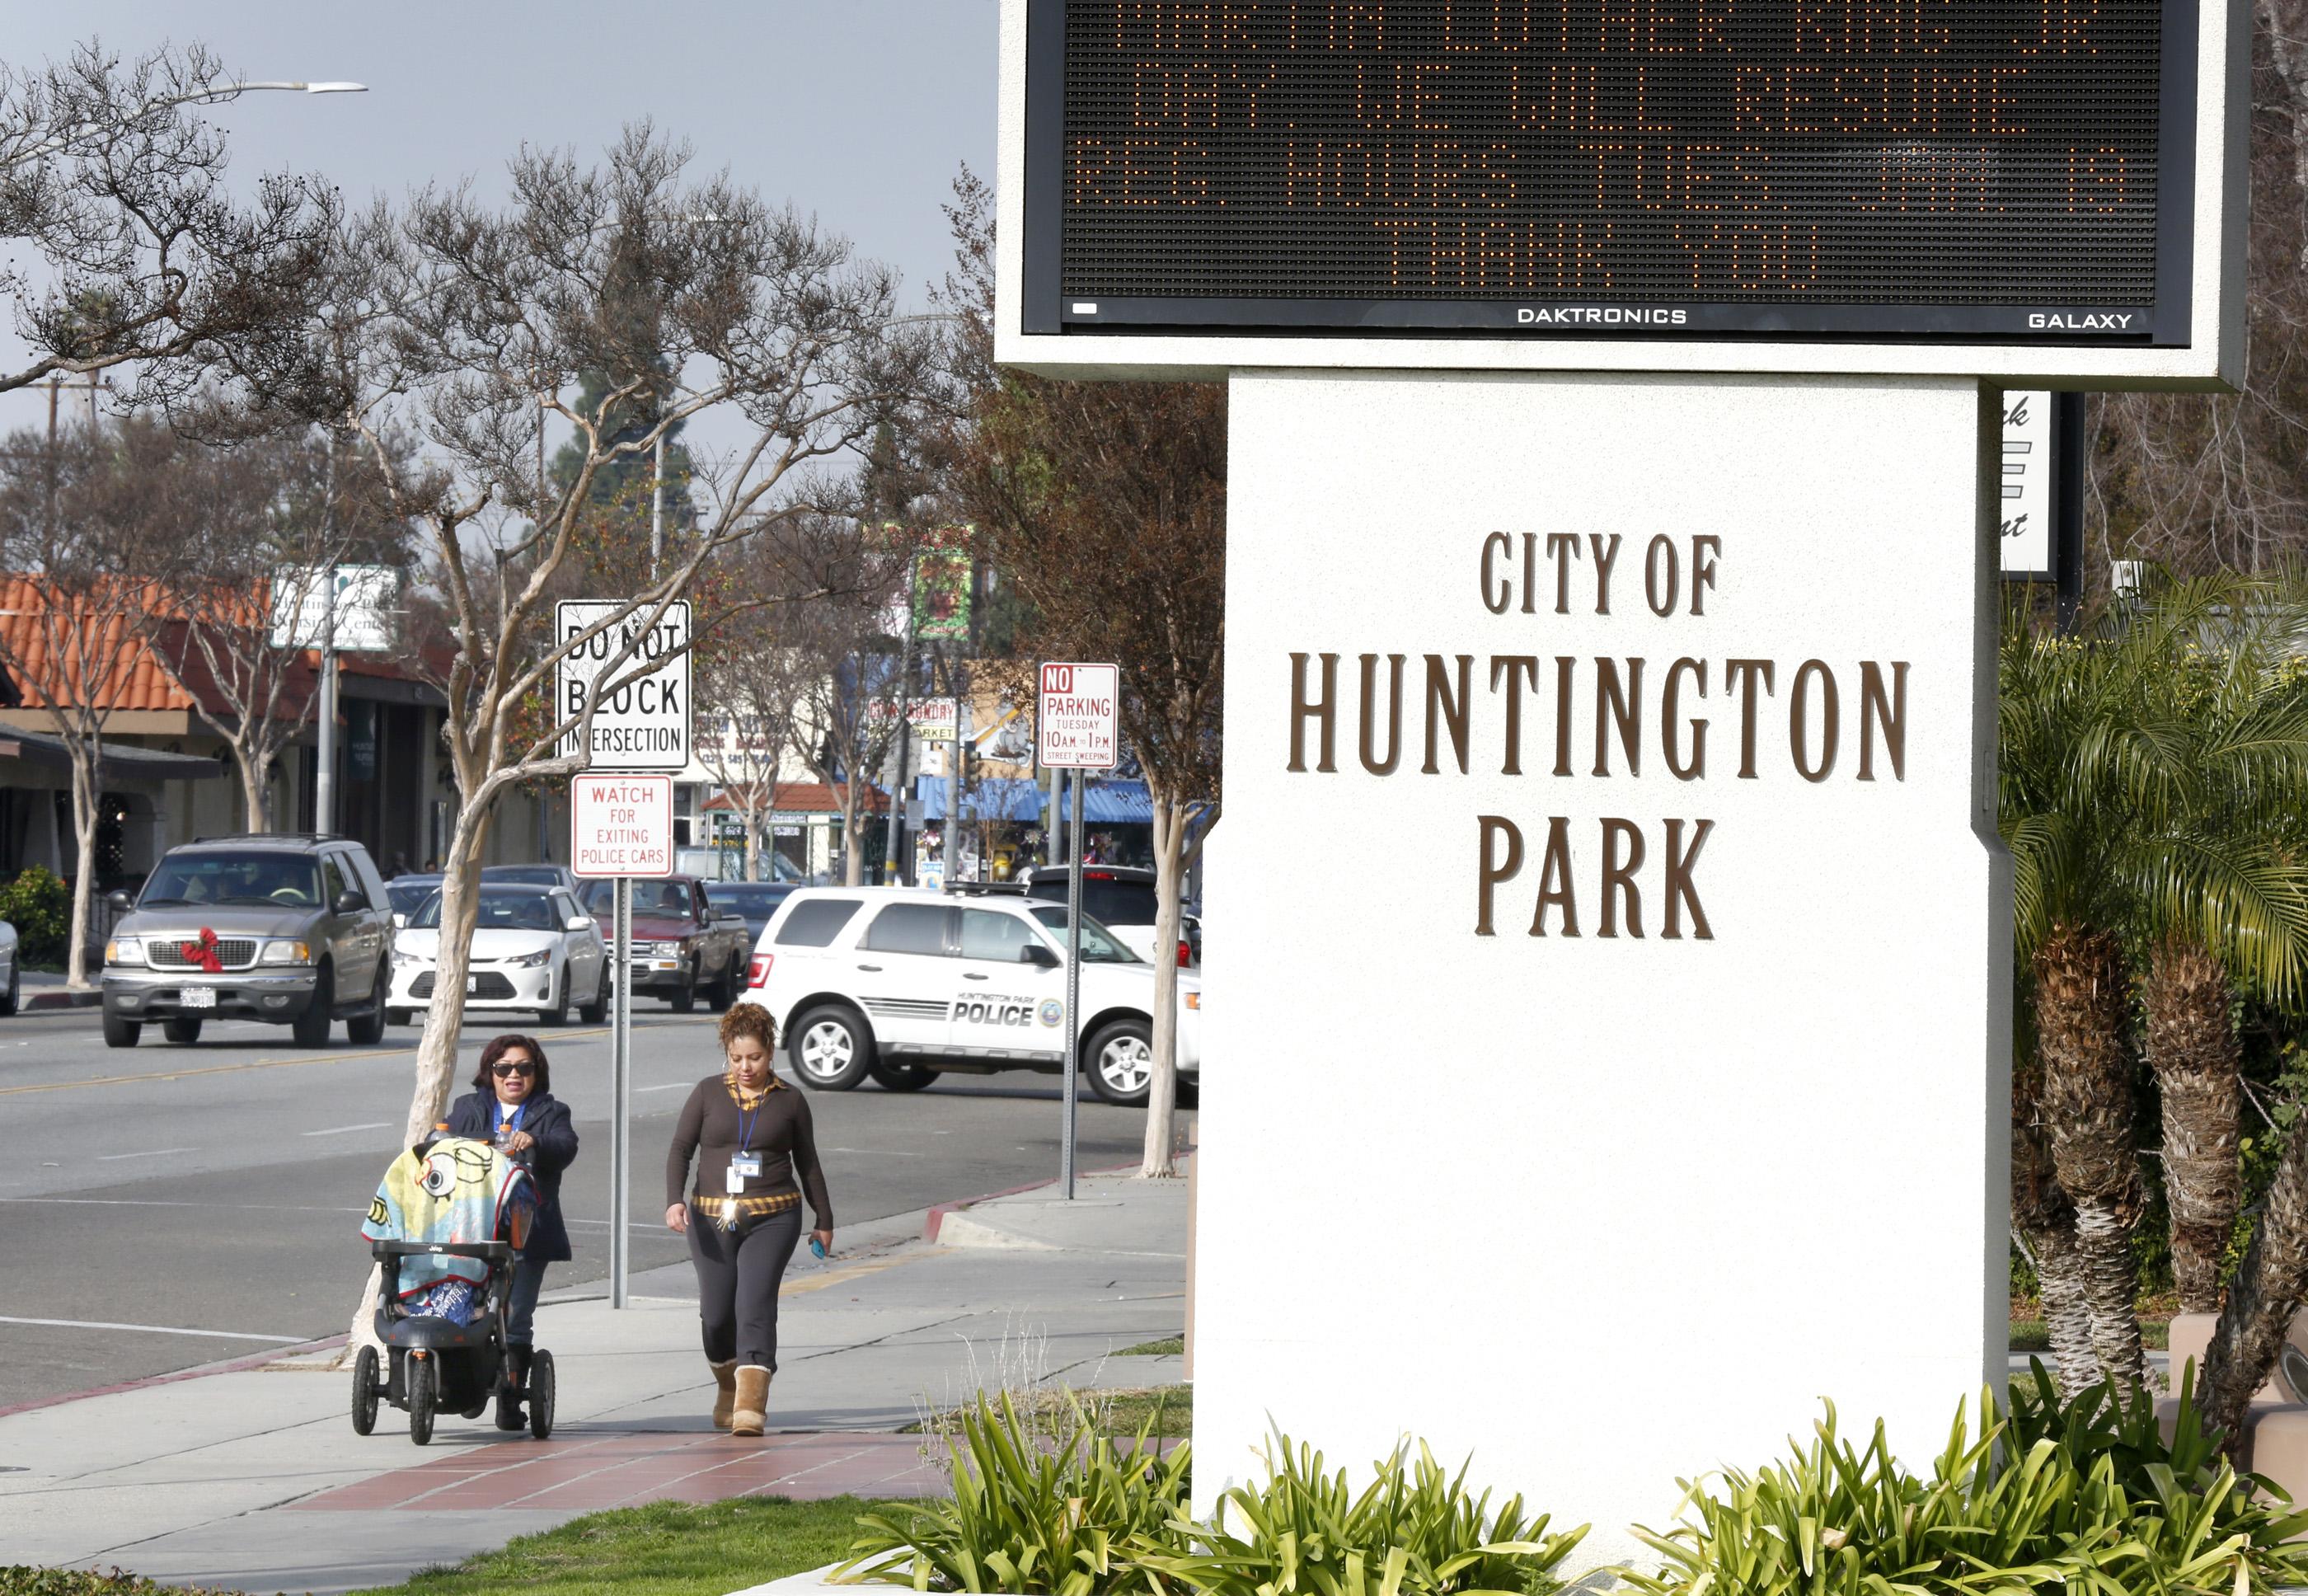 Residentes de Huntington Park han pedido una elección para destituir a varios concejales de esa ciudad. /AURELIA VENTURA